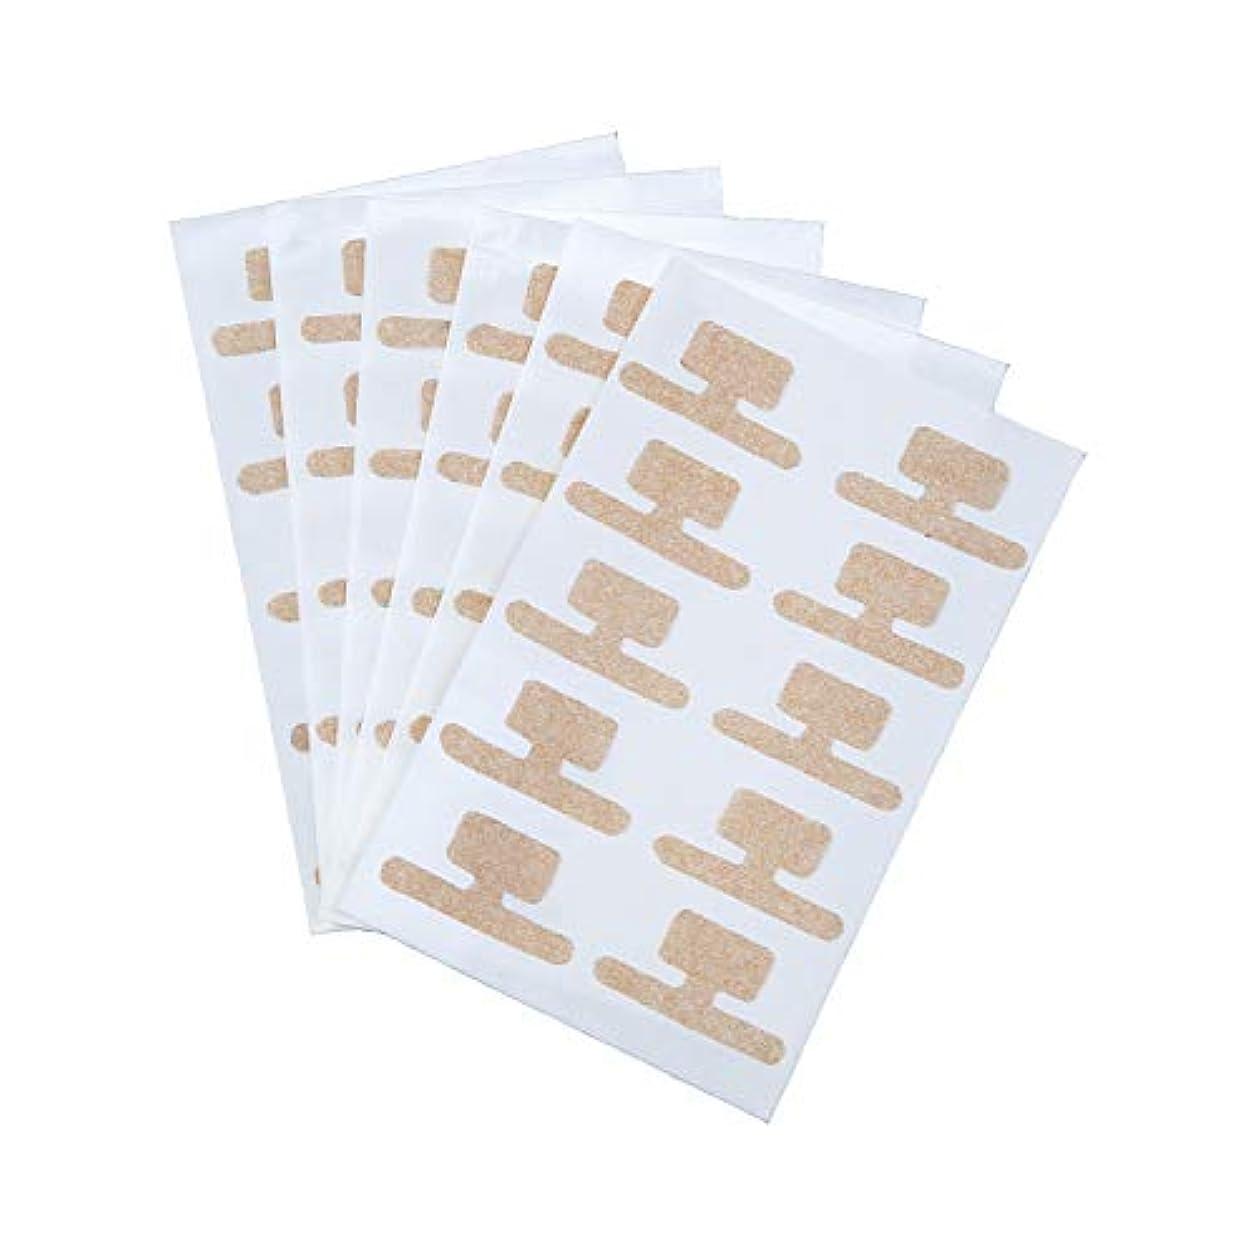 頭蓋骨調整可能シルク巻き爪ダブルケアテープ 60枚入 持ち上げ シール 食い込み 痛み サポート 貼るだけ 足 フットケア